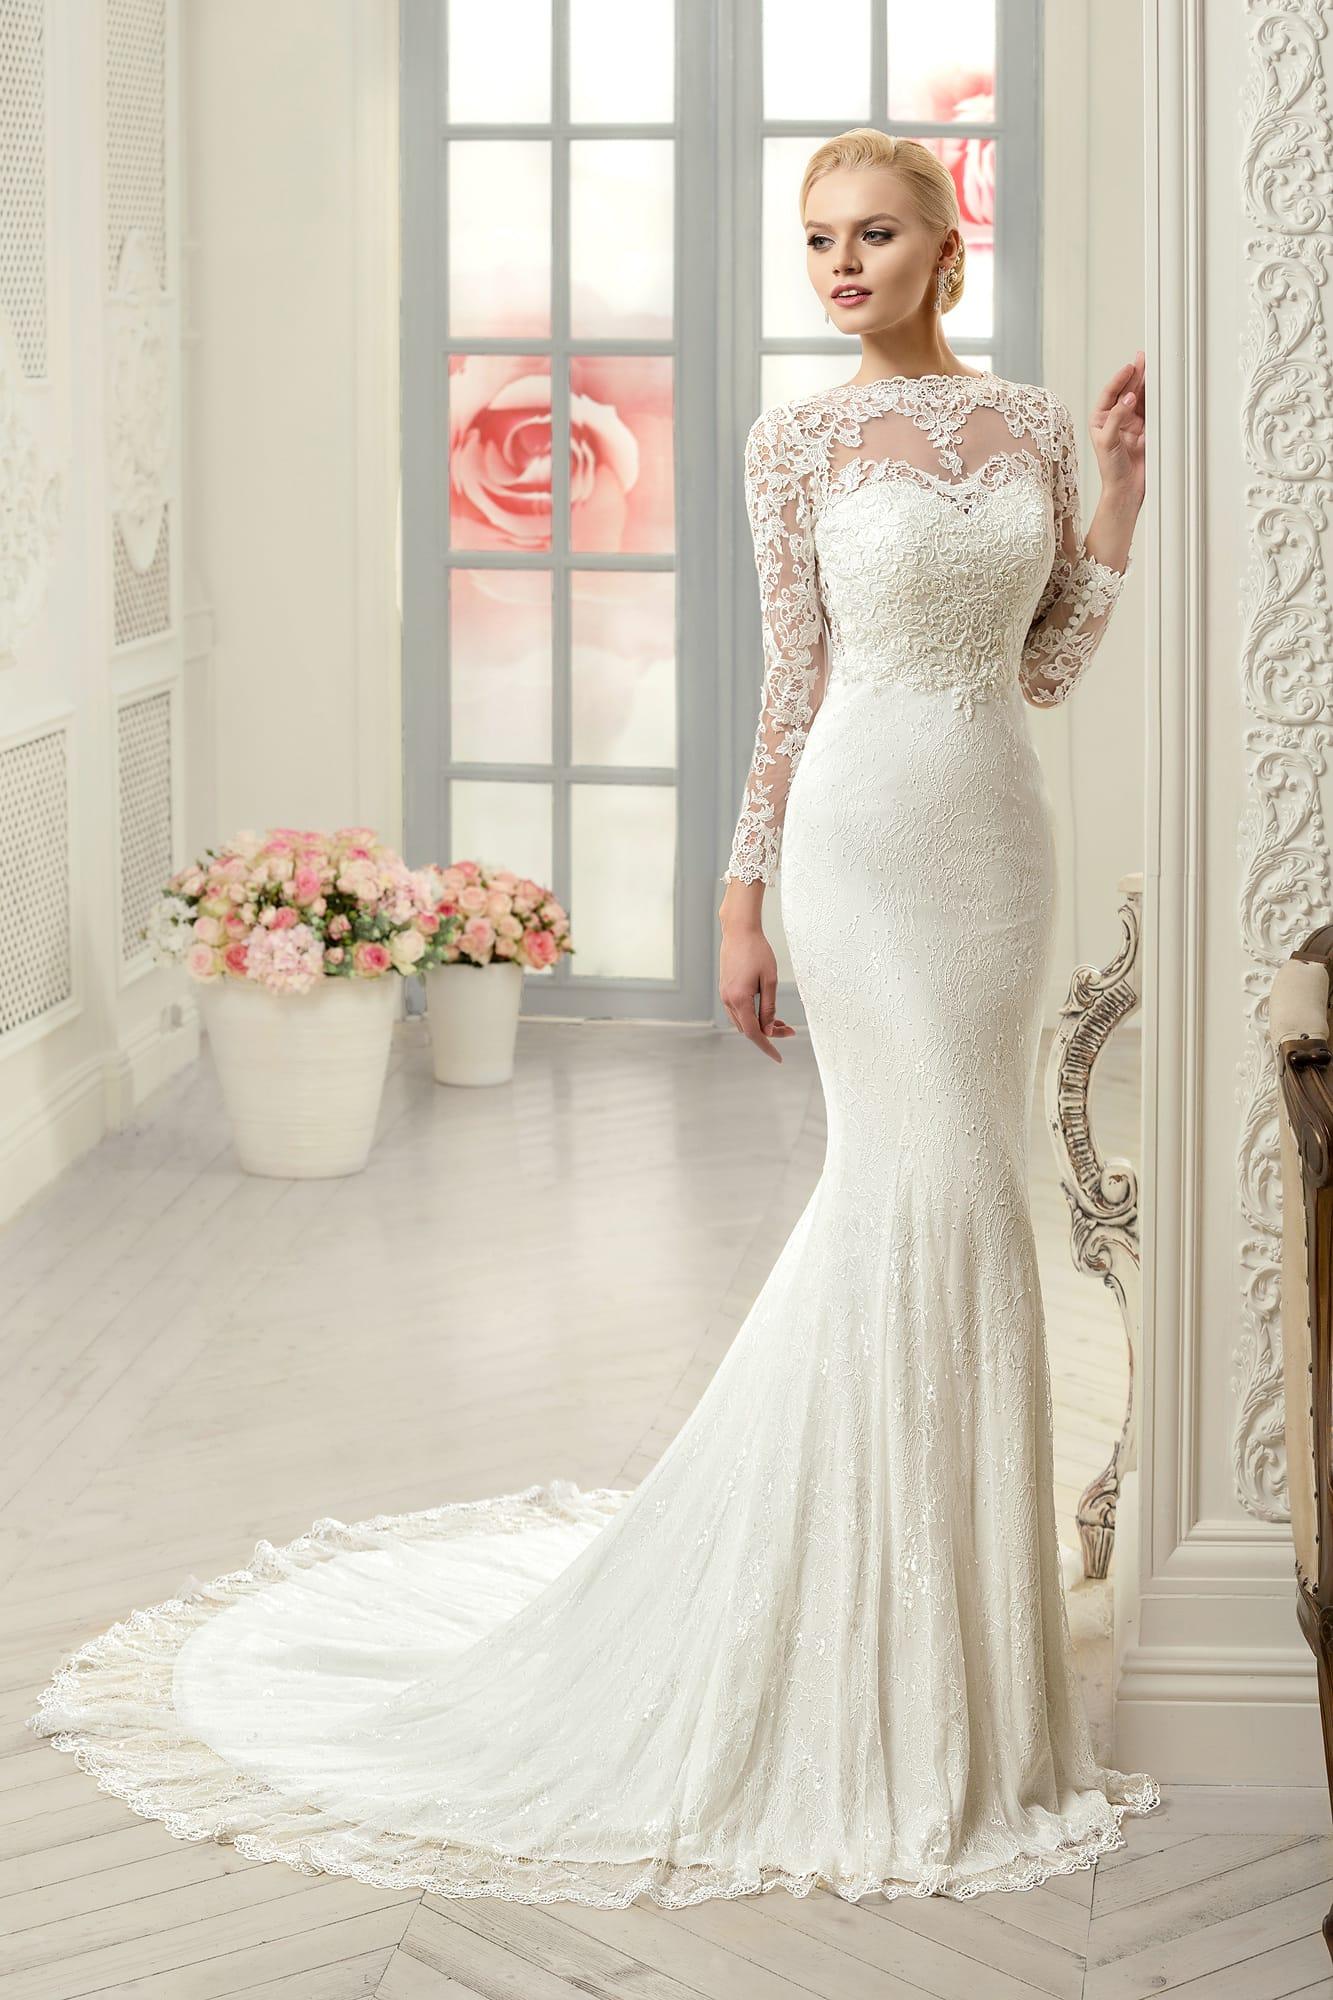 3ebed730679 Закрытое свадебное платье «рыбка» с изящным кружевным верхом и длинными  рукавами.